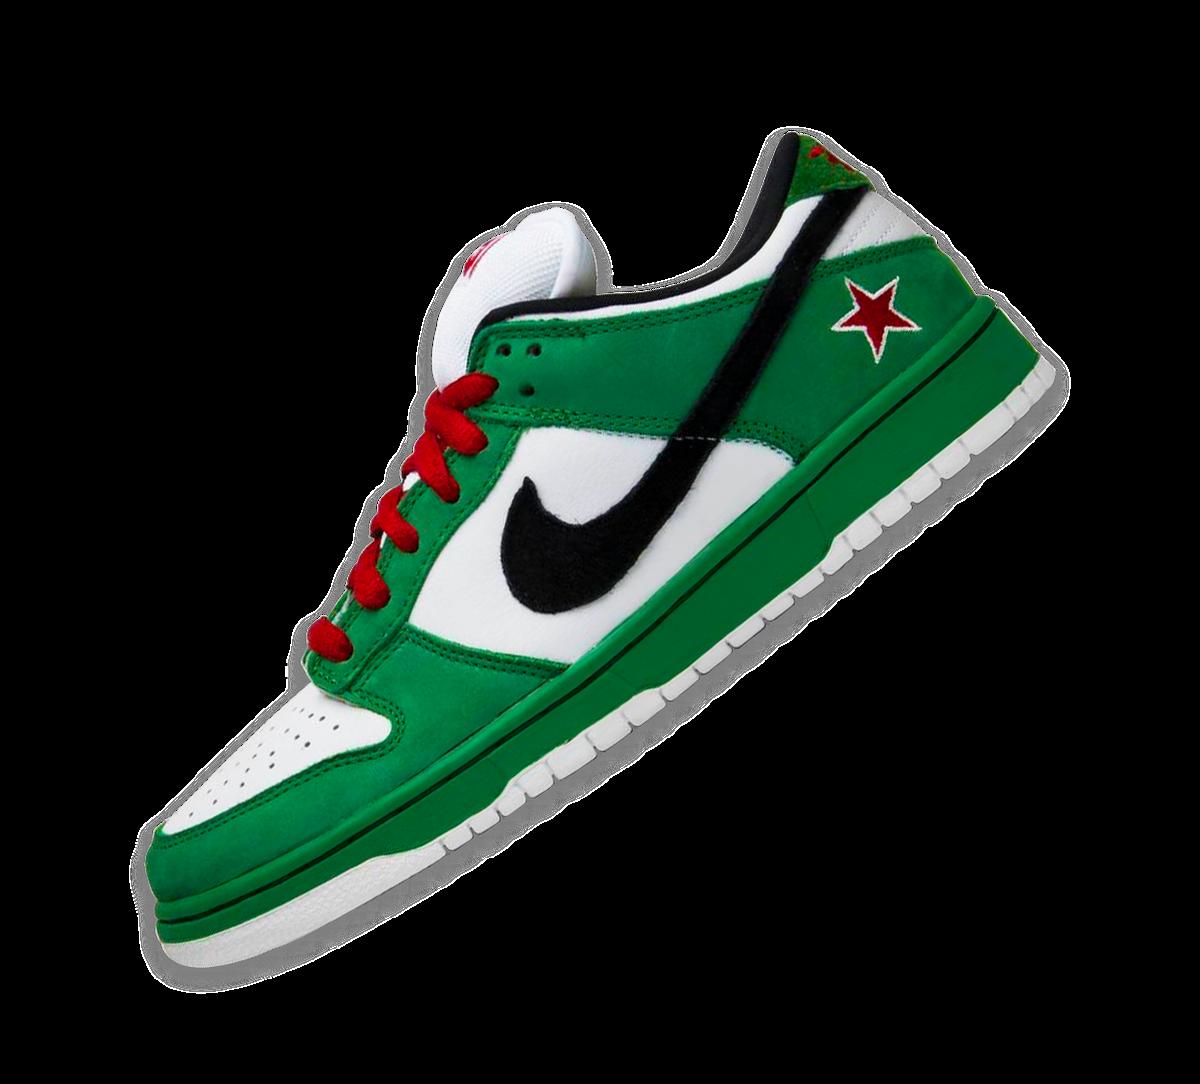 Nike SB Dunk Low Pro 'Heineken' Image